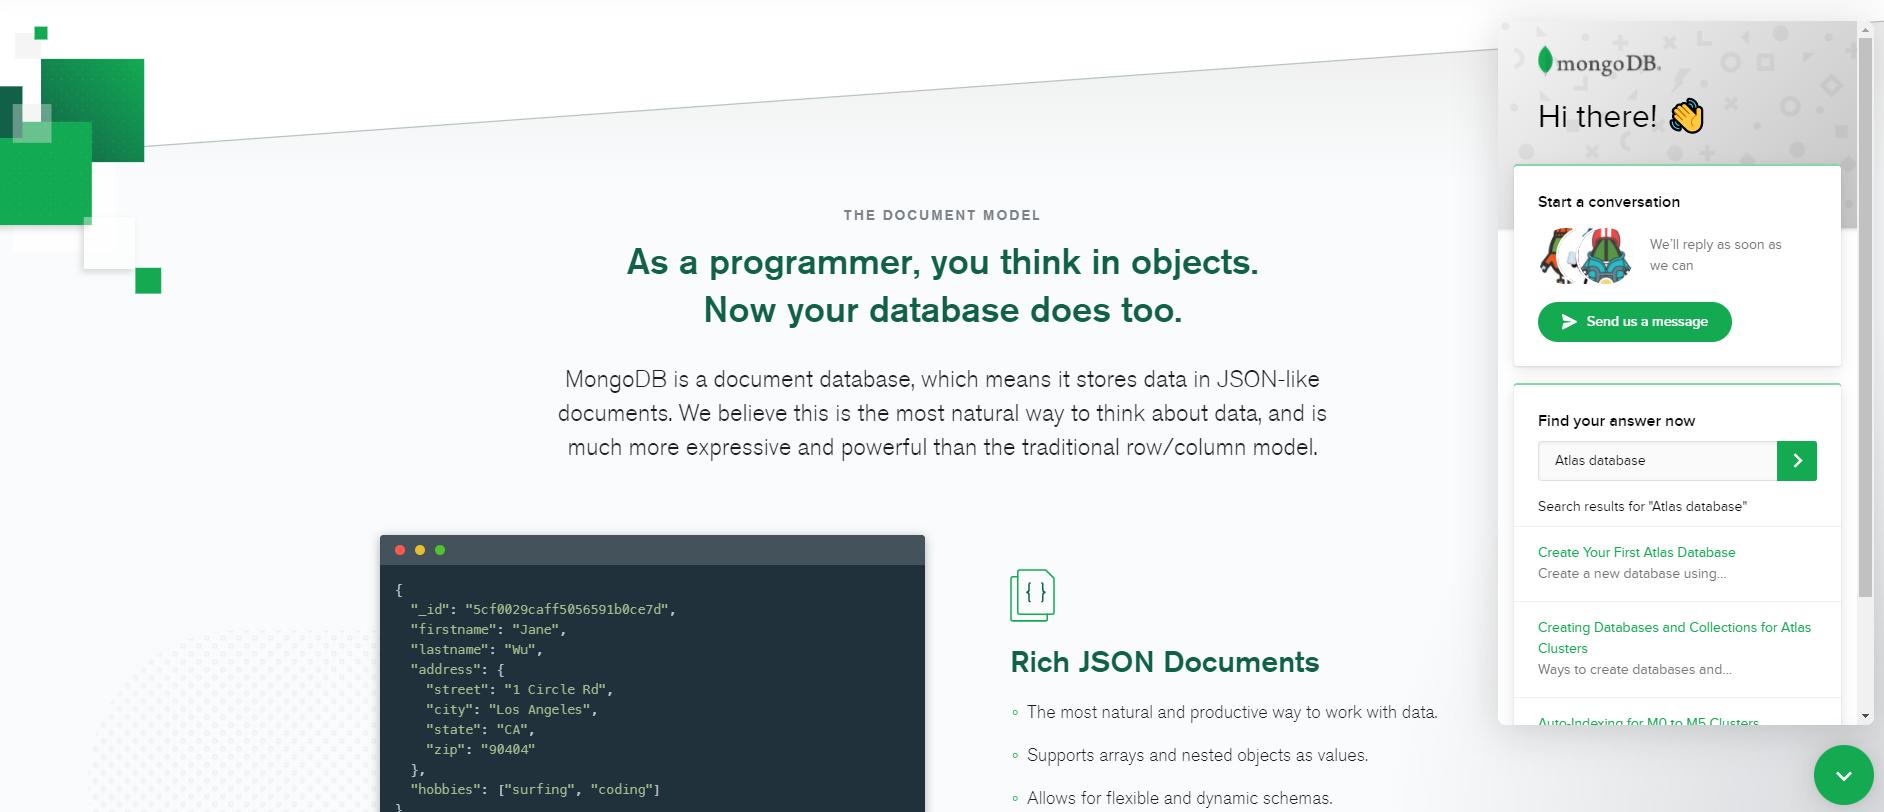 MongoDB chatbot example